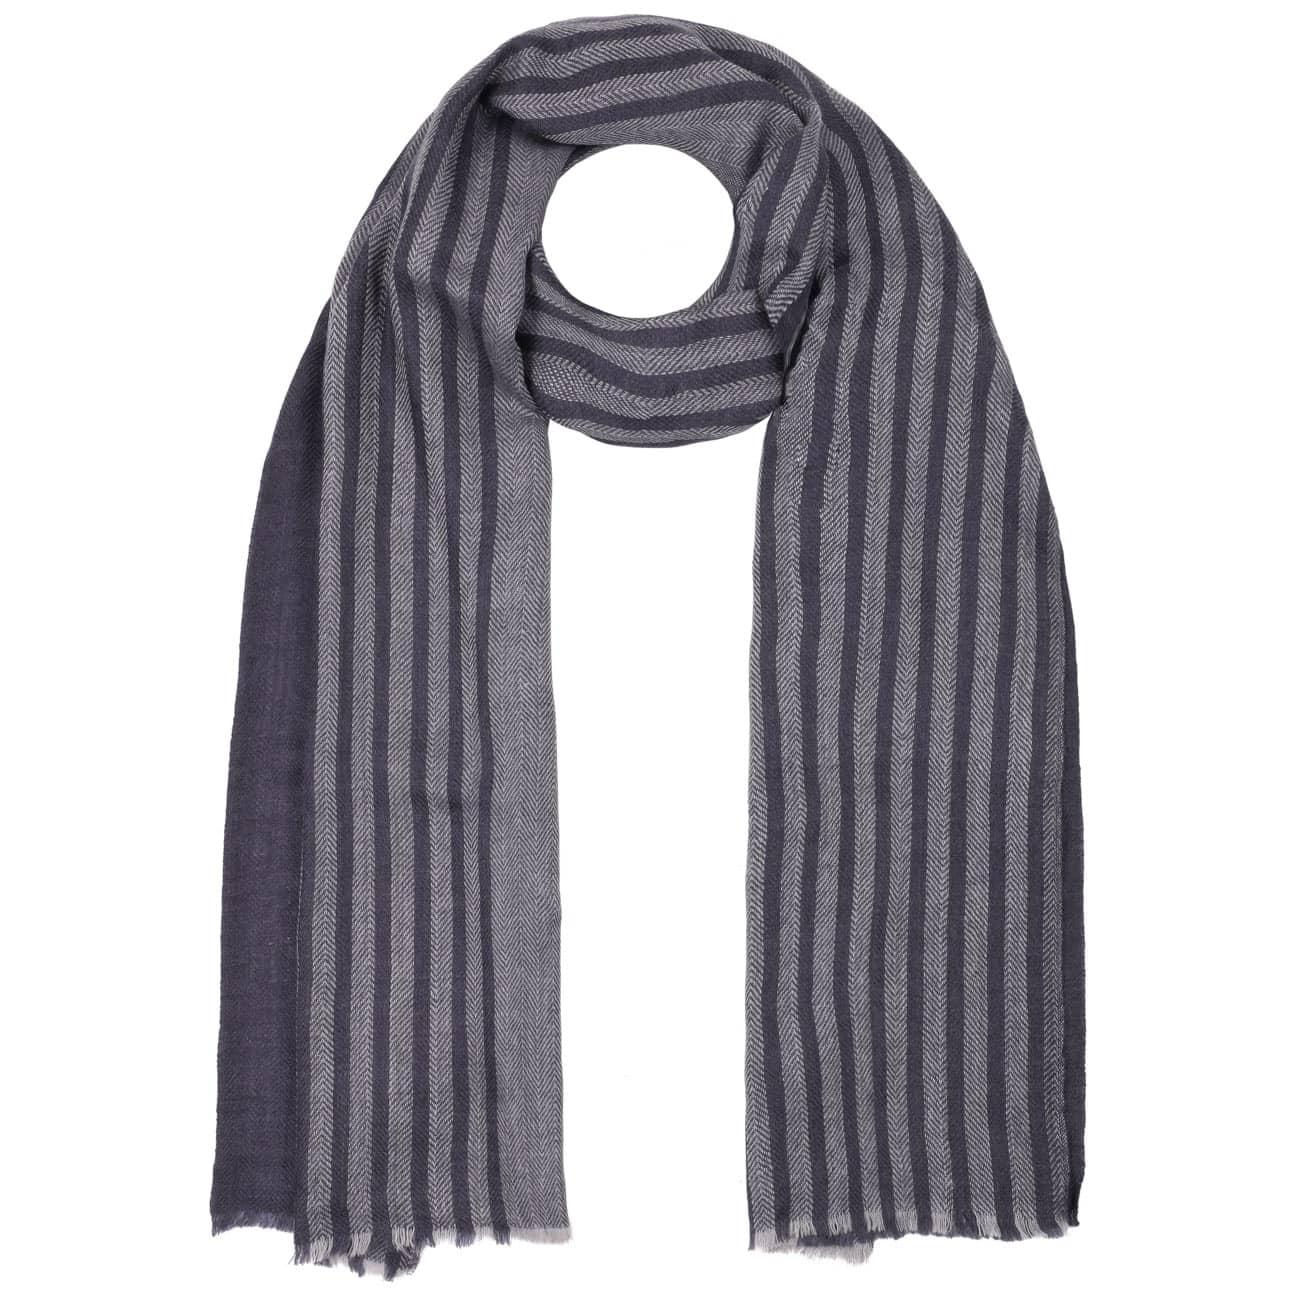 Bufanda Herringbone Stripes by Passigatti  bufanda de invierno